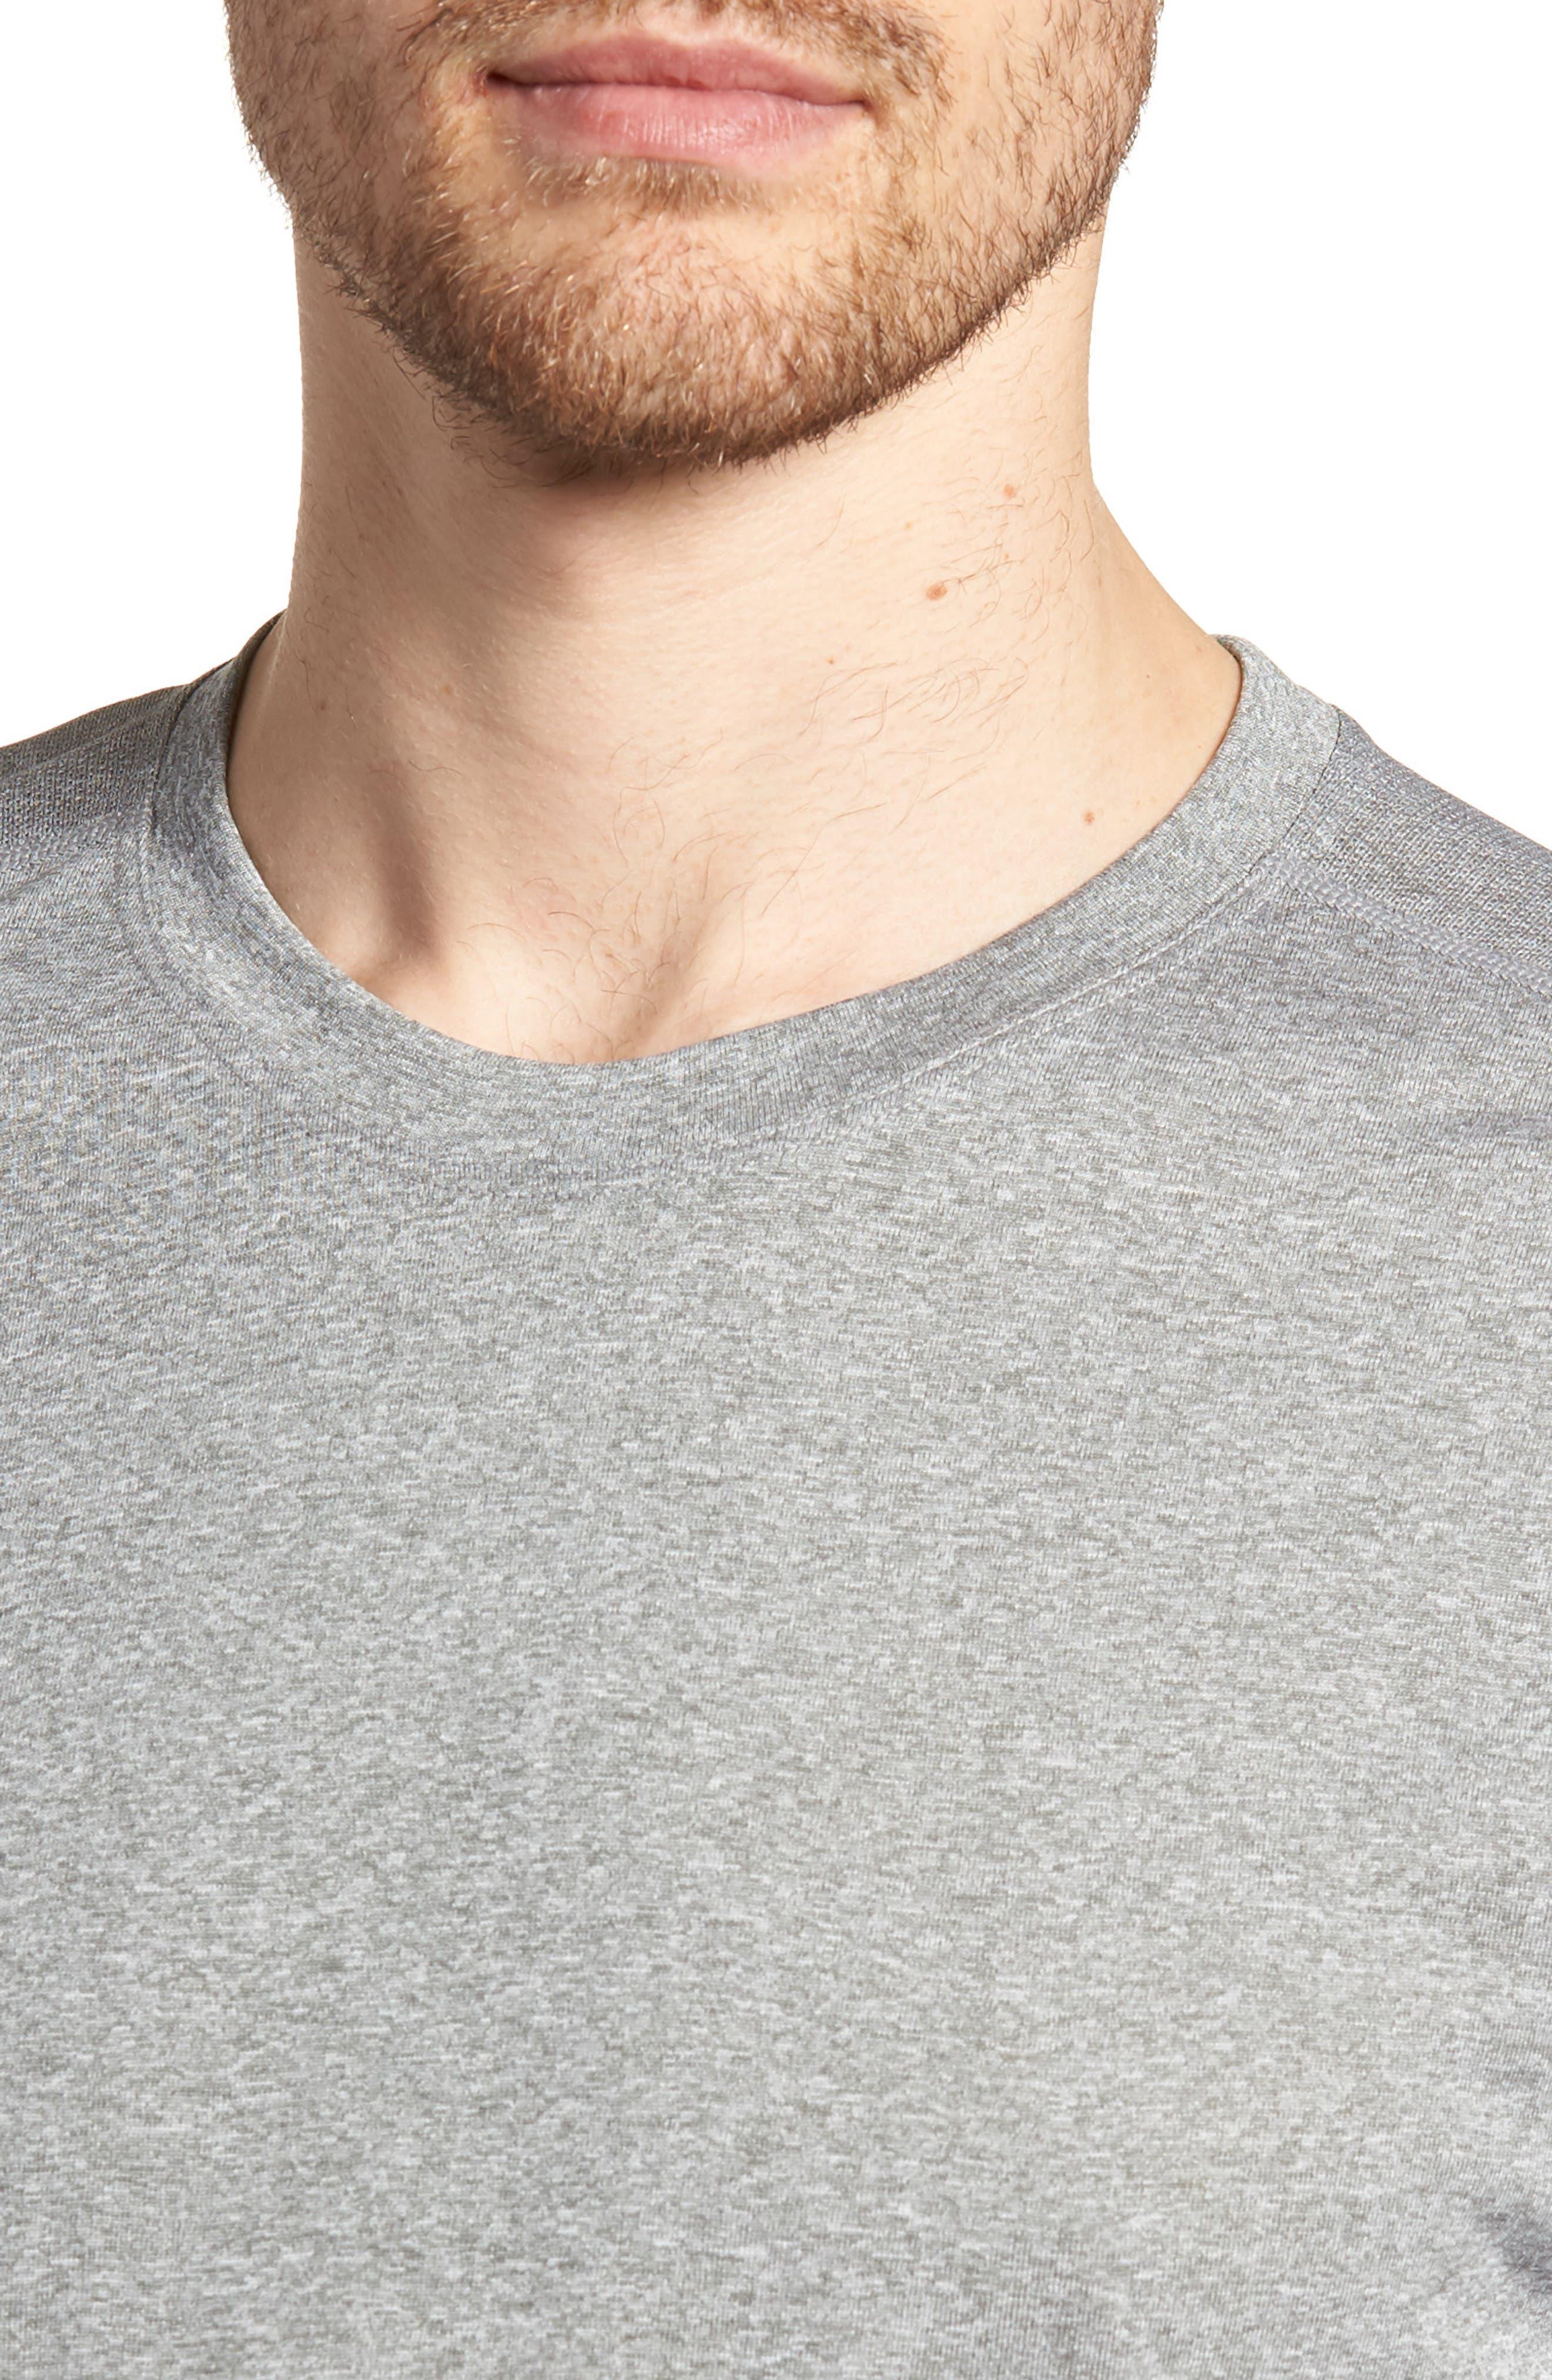 Goodsport Mesh Panel T-Shirt,                             Alternate thumbnail 21, color,